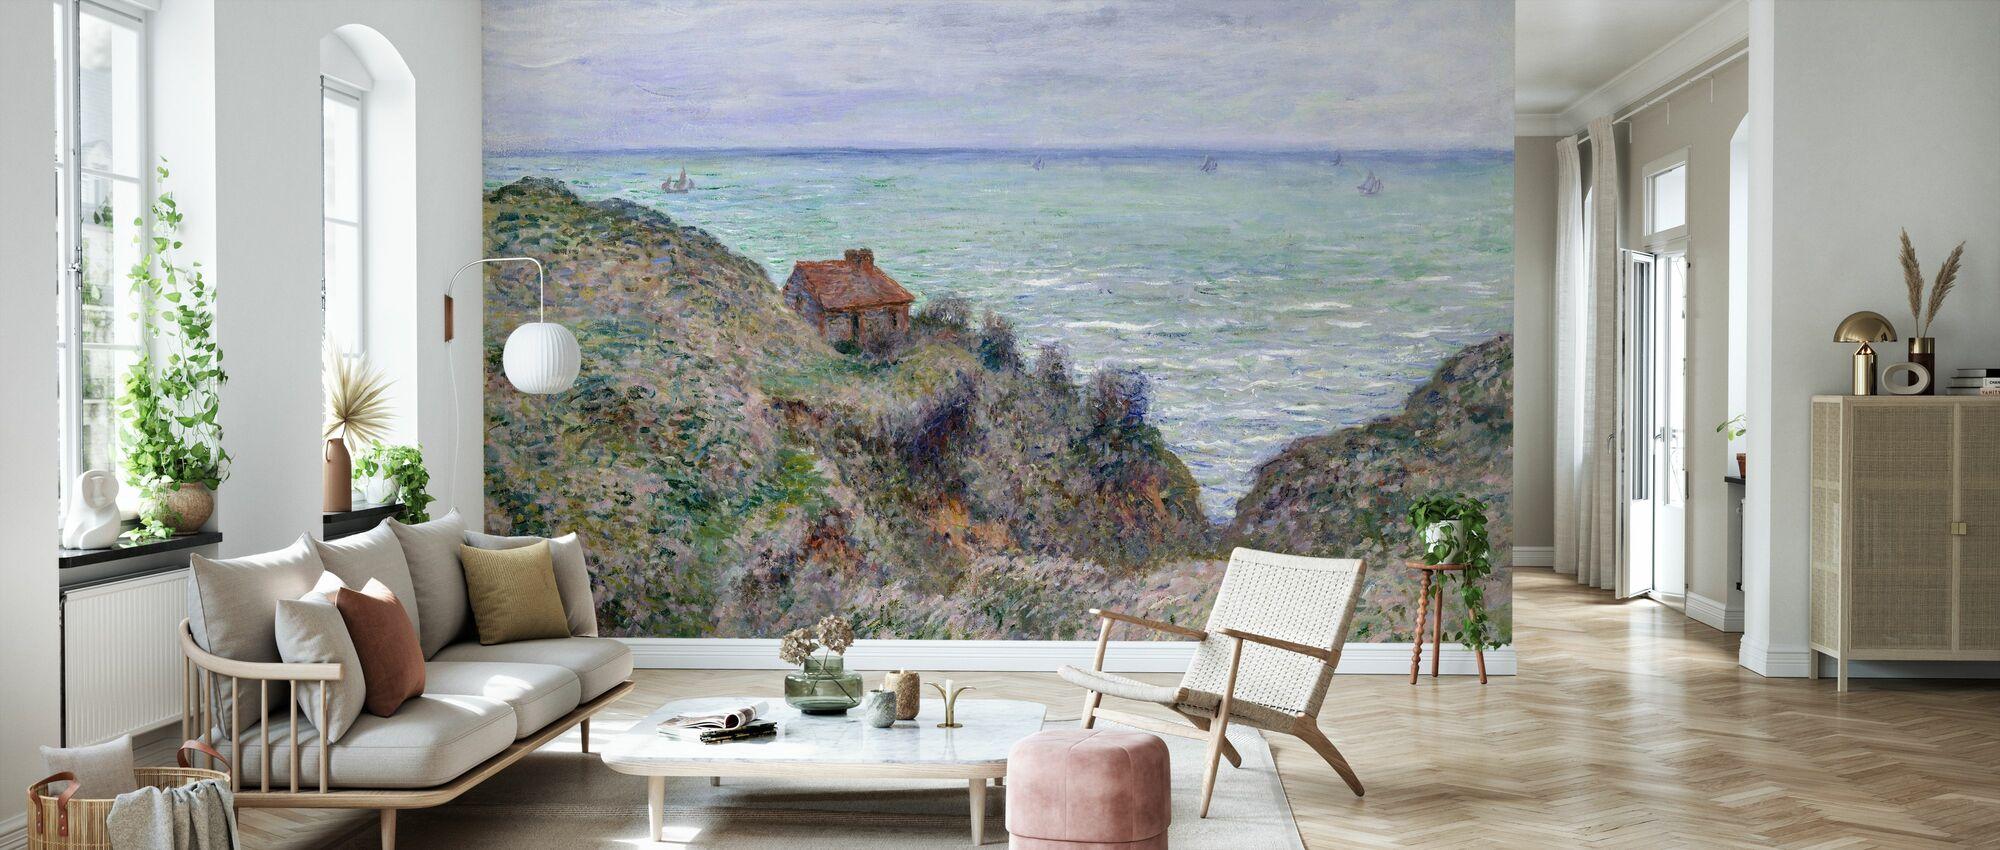 Mökki - Claude Monet - Tapetti - Olohuone